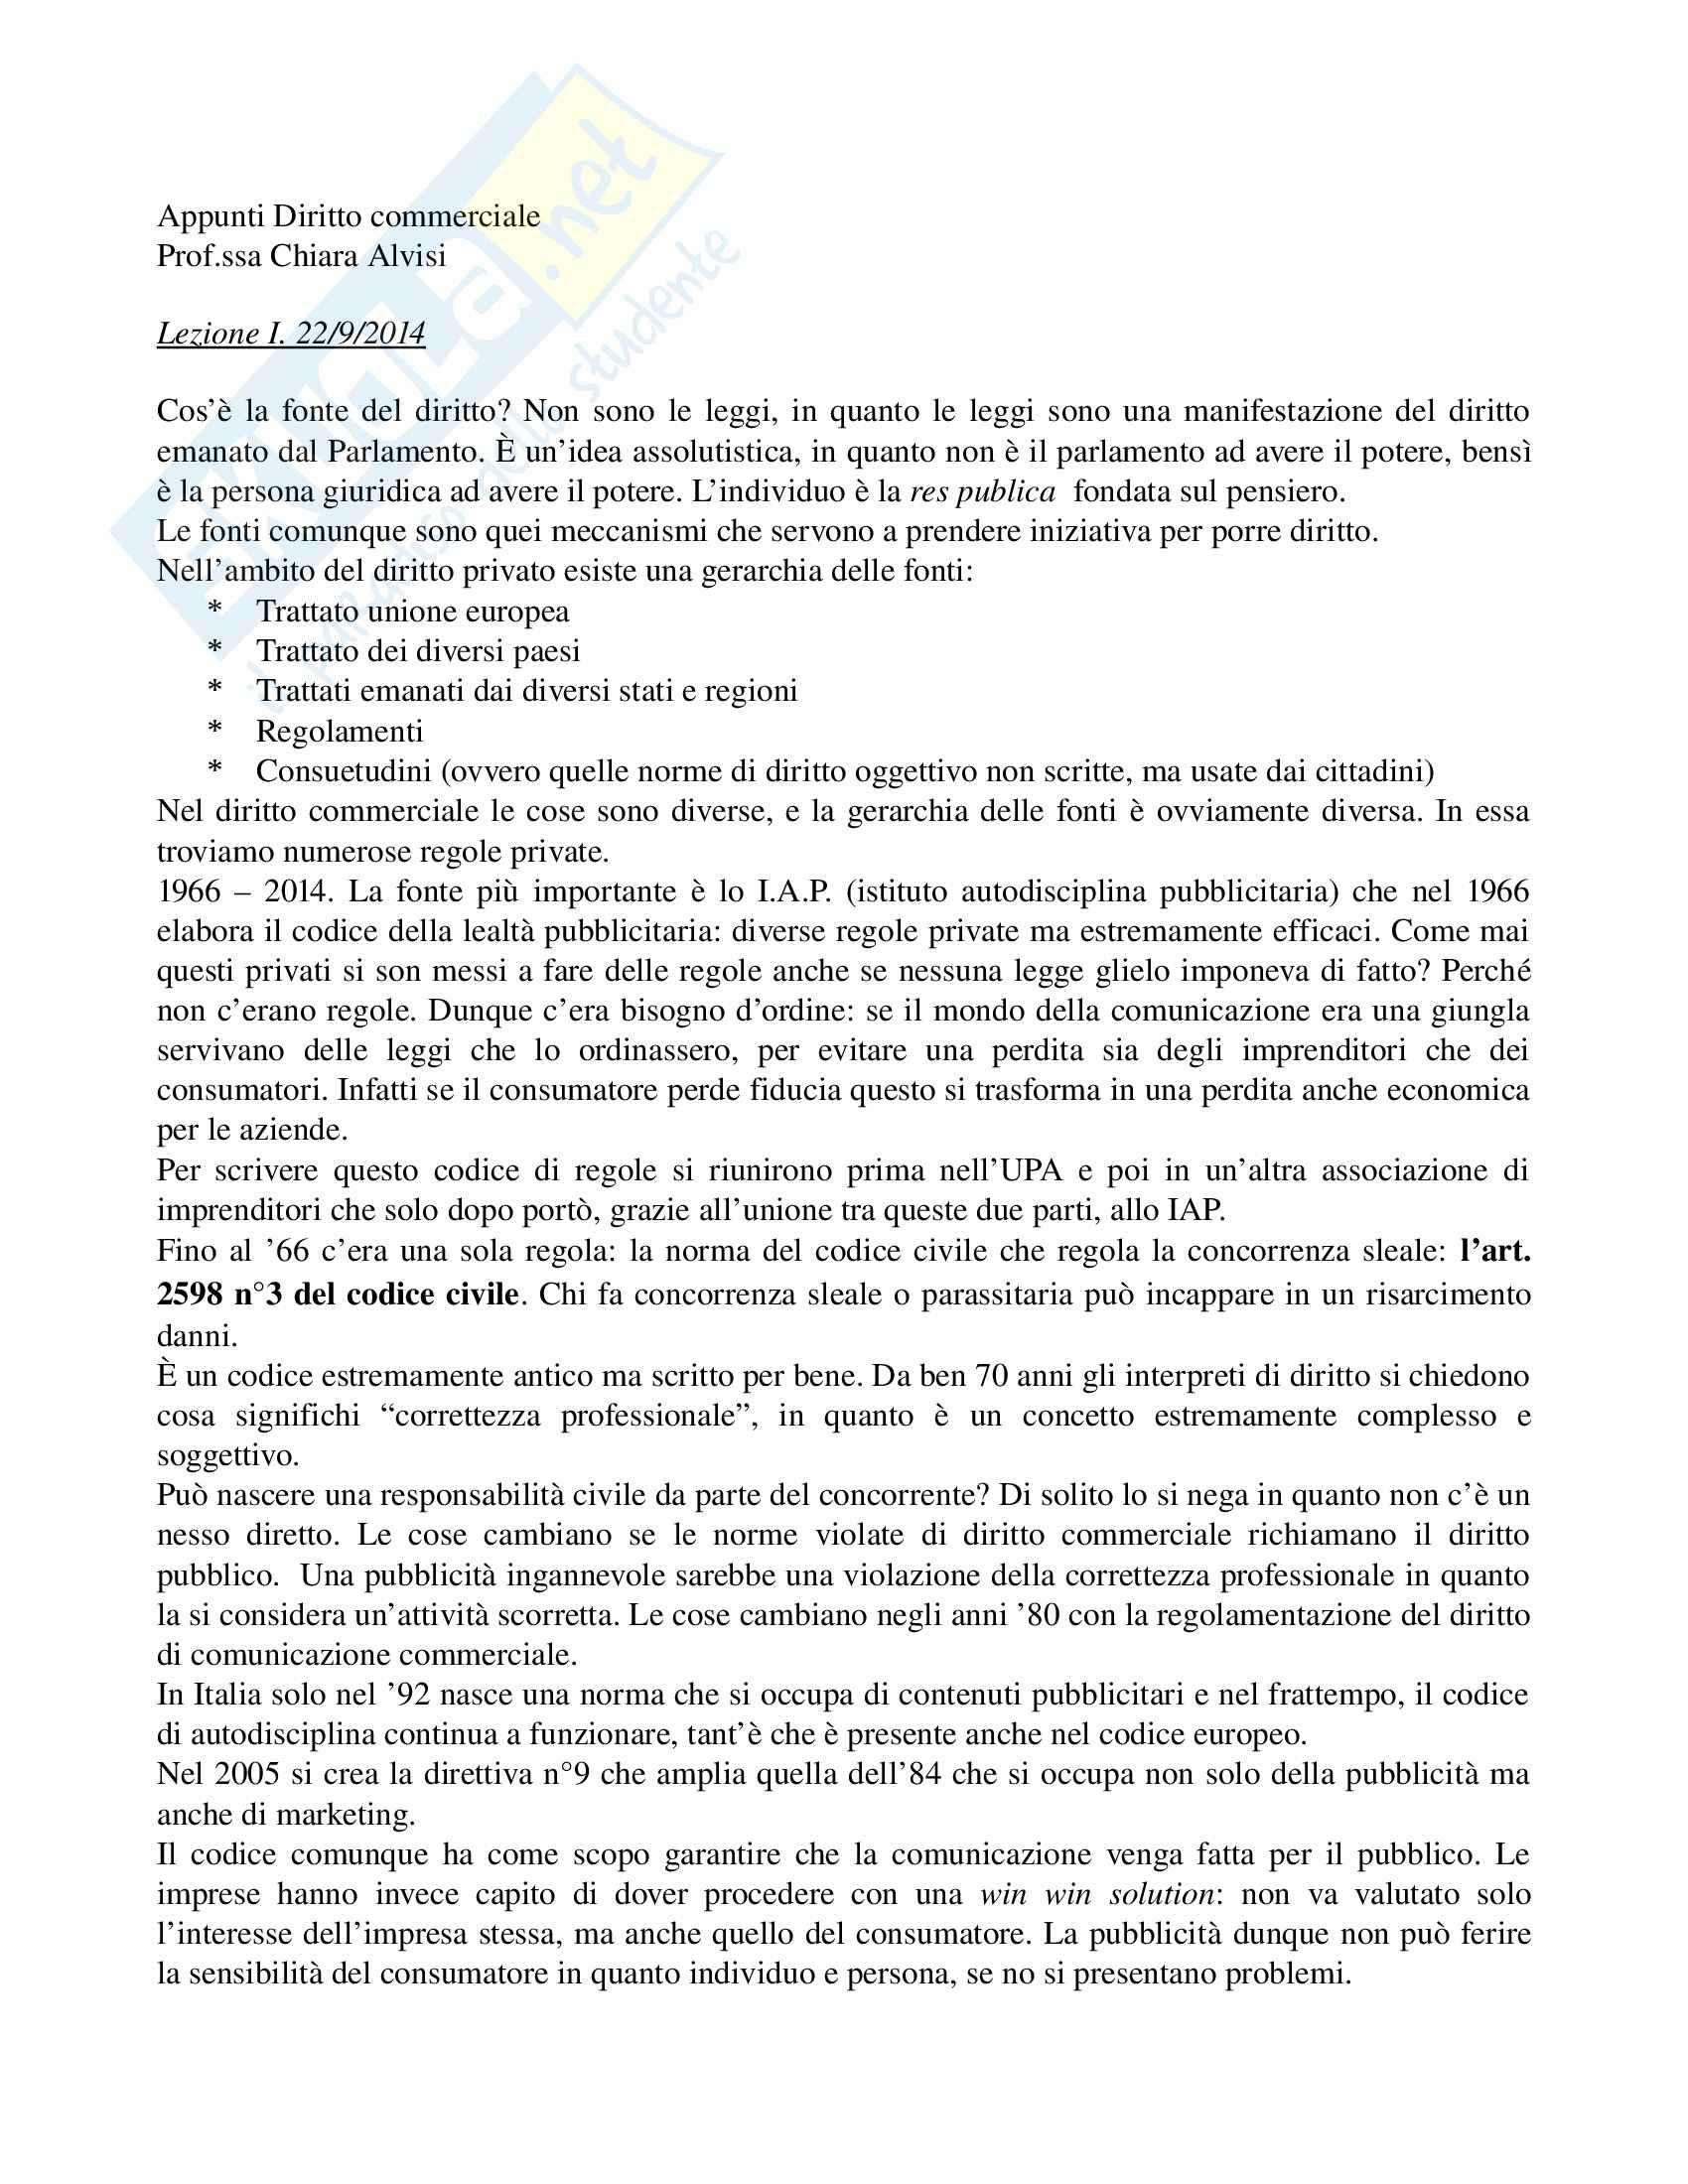 Appunti, Diritto della comunicazione commerciale